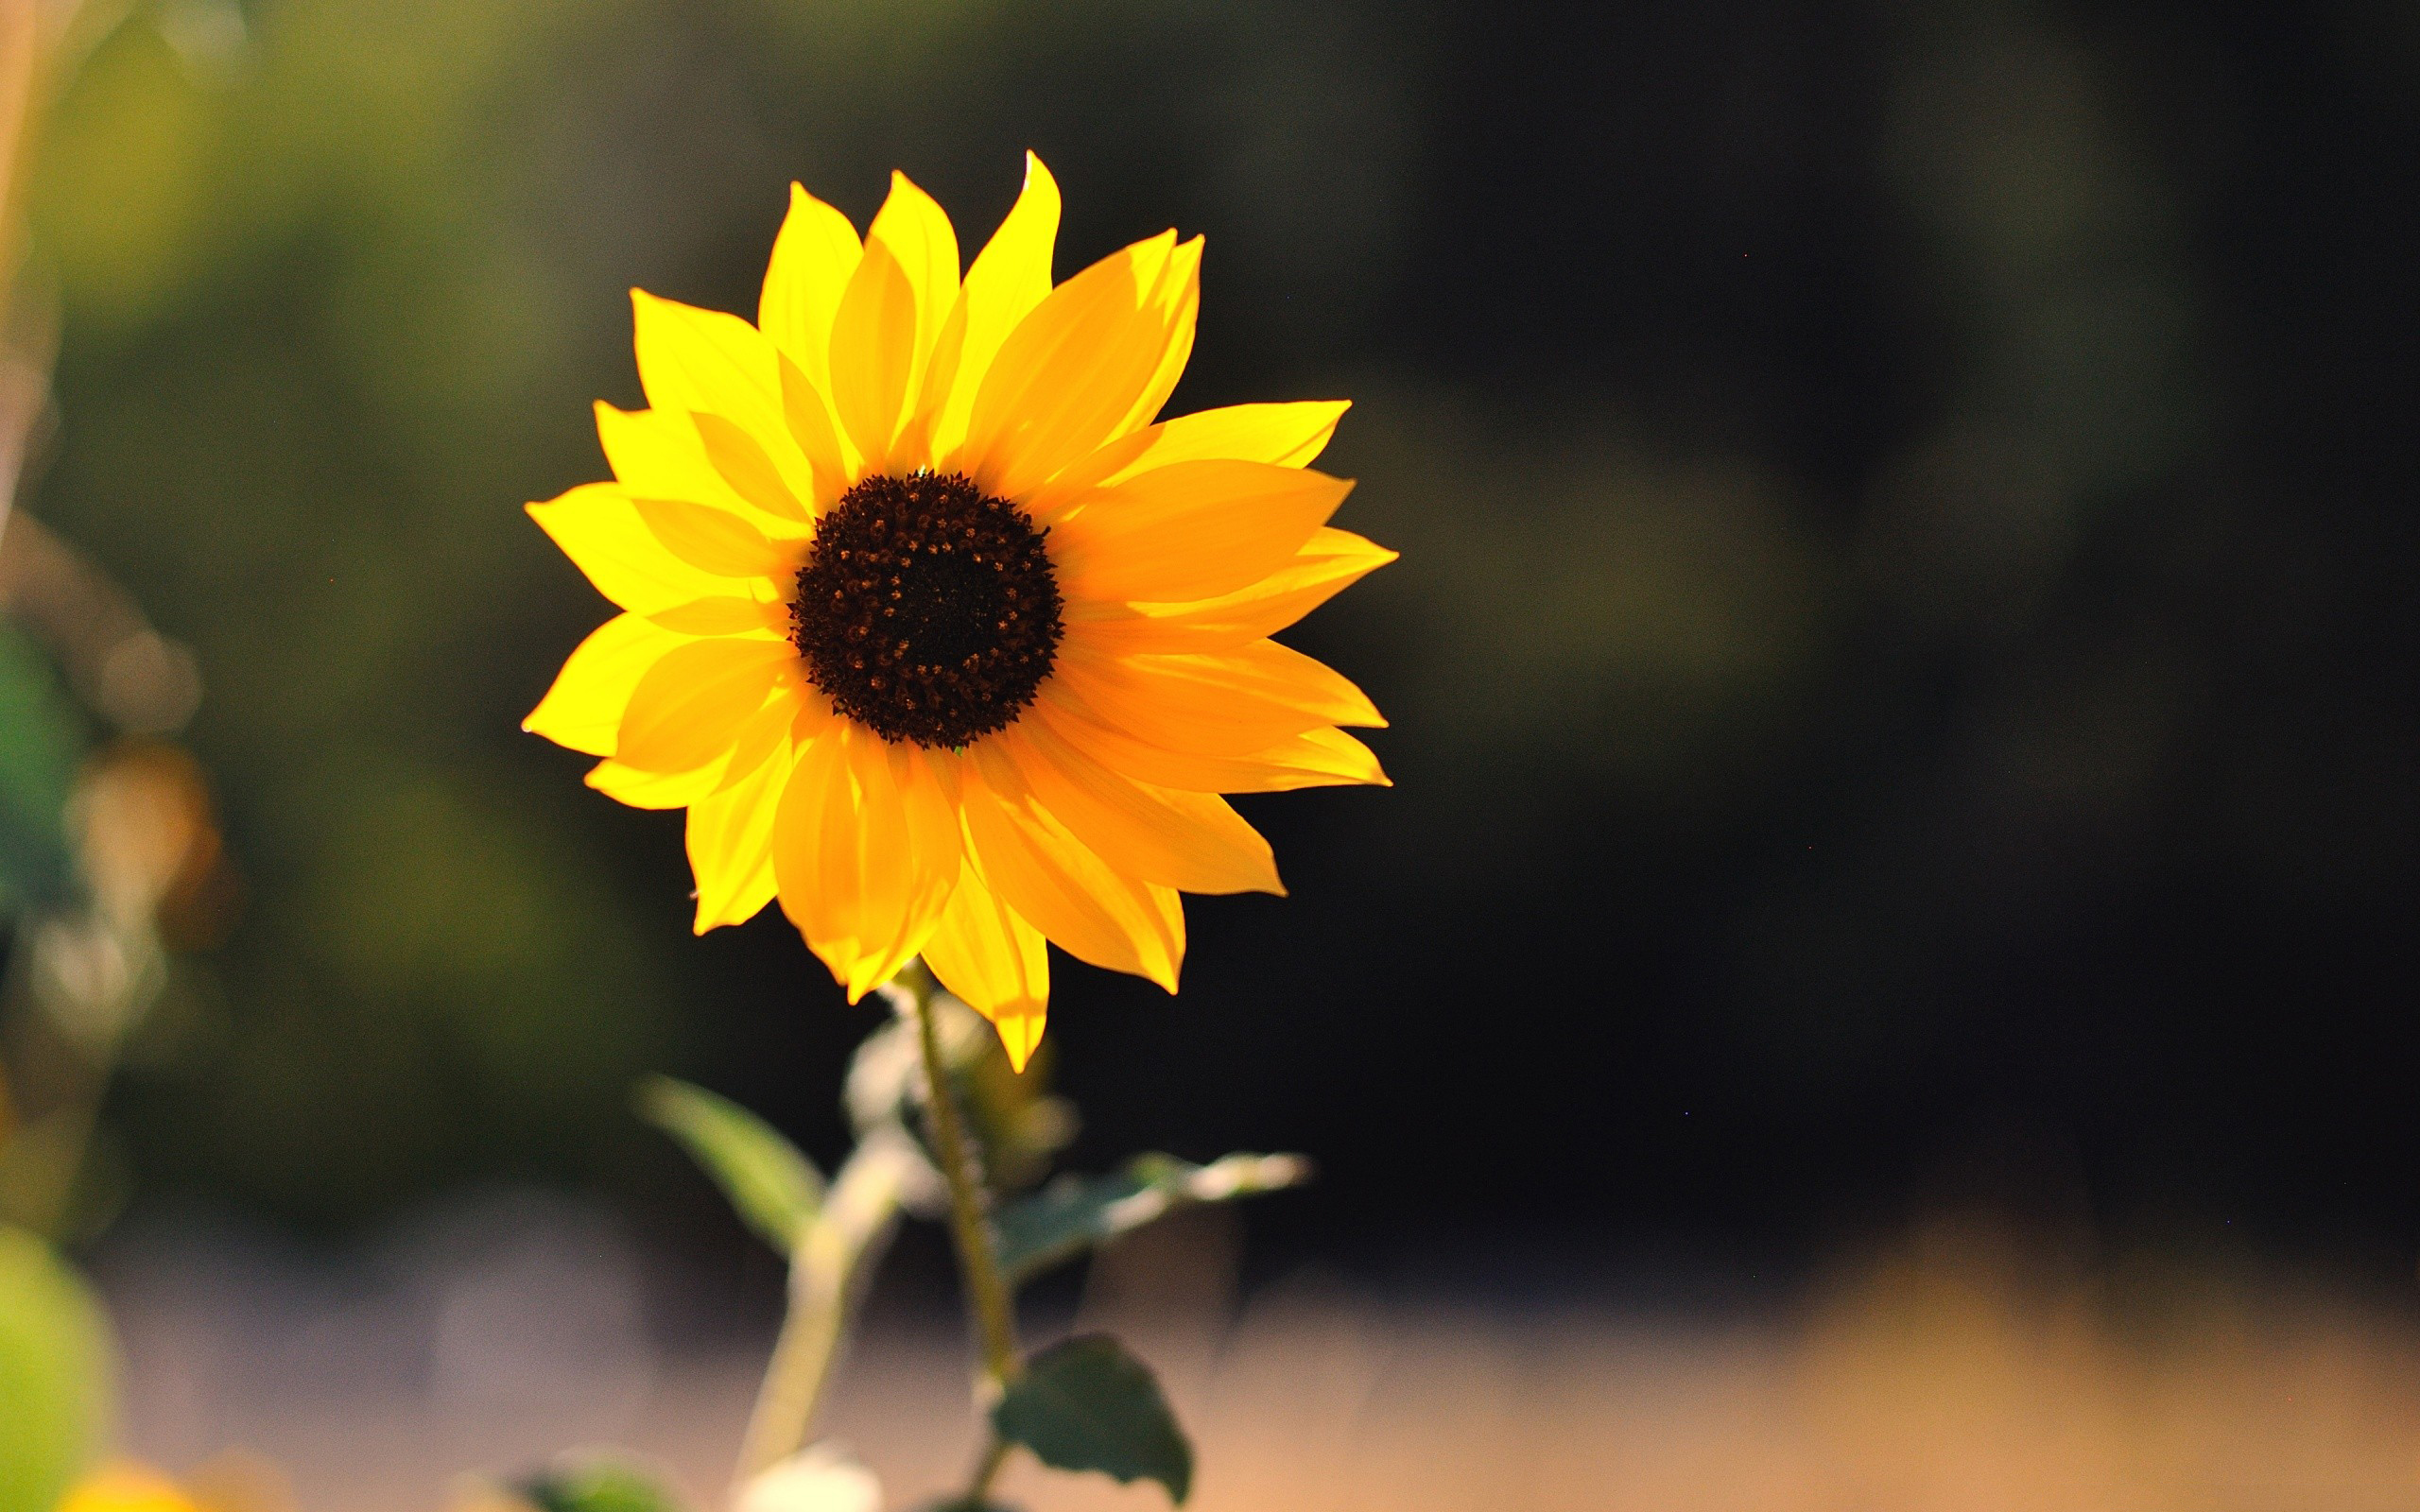 Beautiful Little Sunflower Wallpaper  2560x1600 2141 WallpaperUP